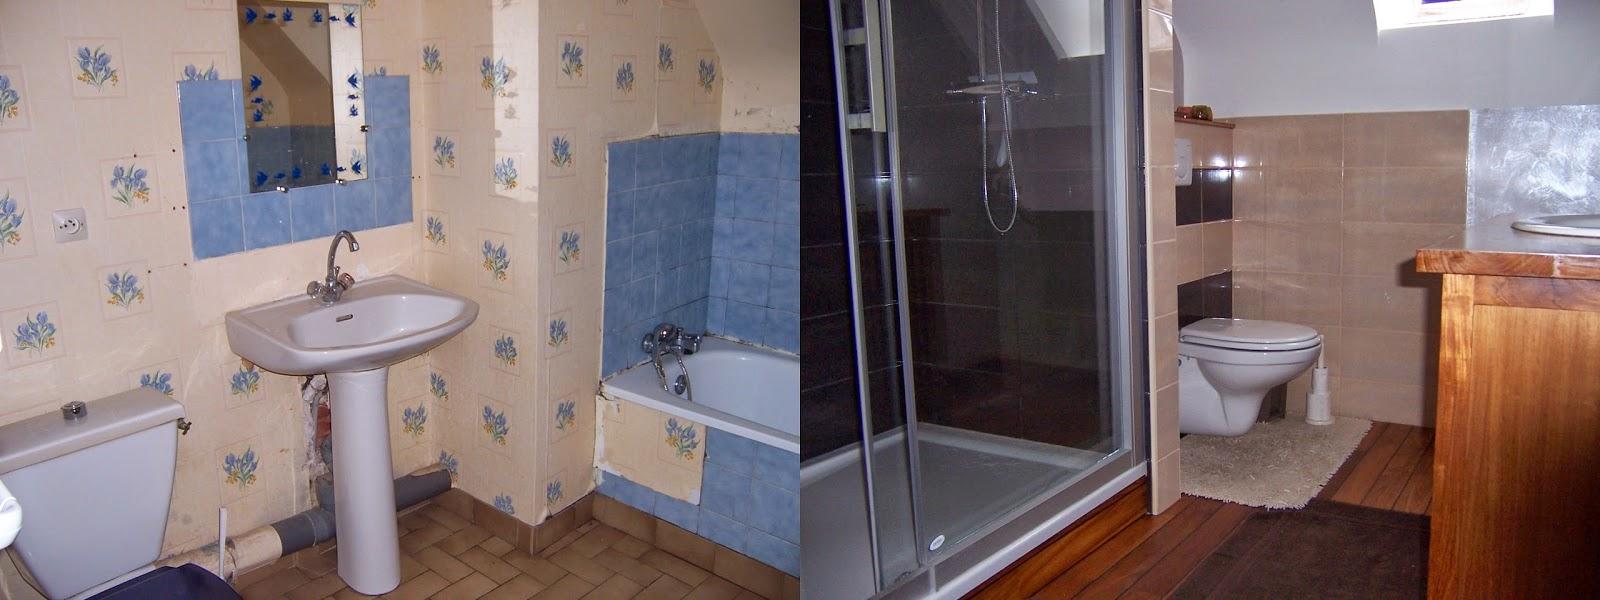 michel le coz agencement d coration avant apr s transformation salle de bain en salle d 39 eau. Black Bedroom Furniture Sets. Home Design Ideas